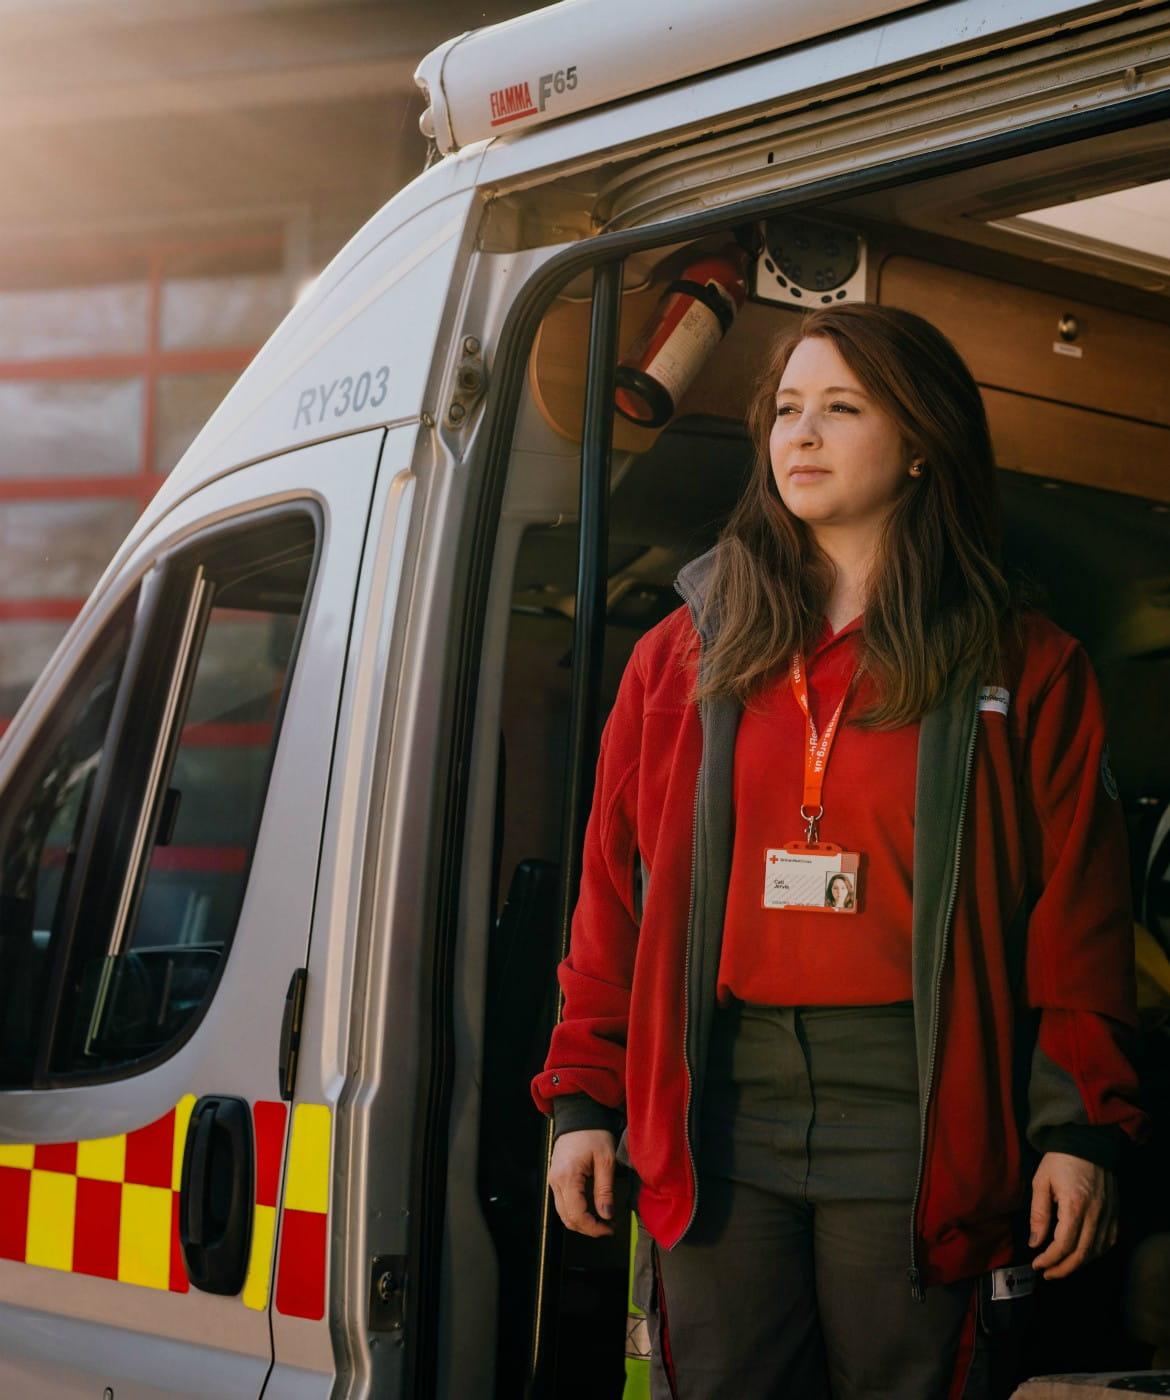 red cross volunteers in a car